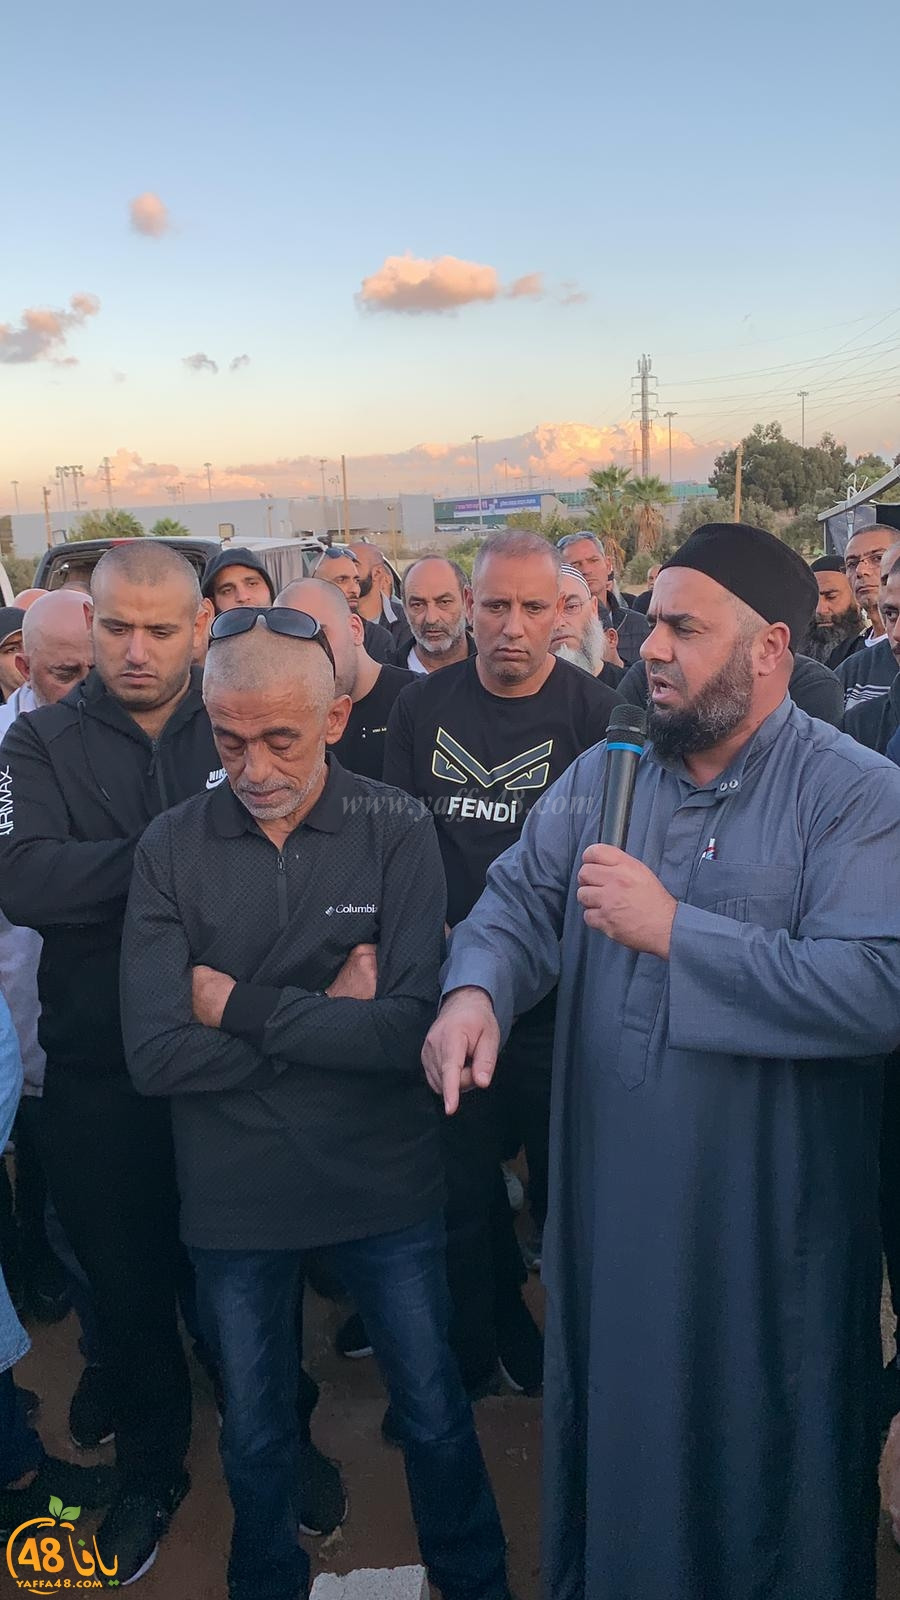 فيديو - بحزن وألم - جموع غفيرة من أهالي يافا يشيّعون جثمان الحاج محمود بكر